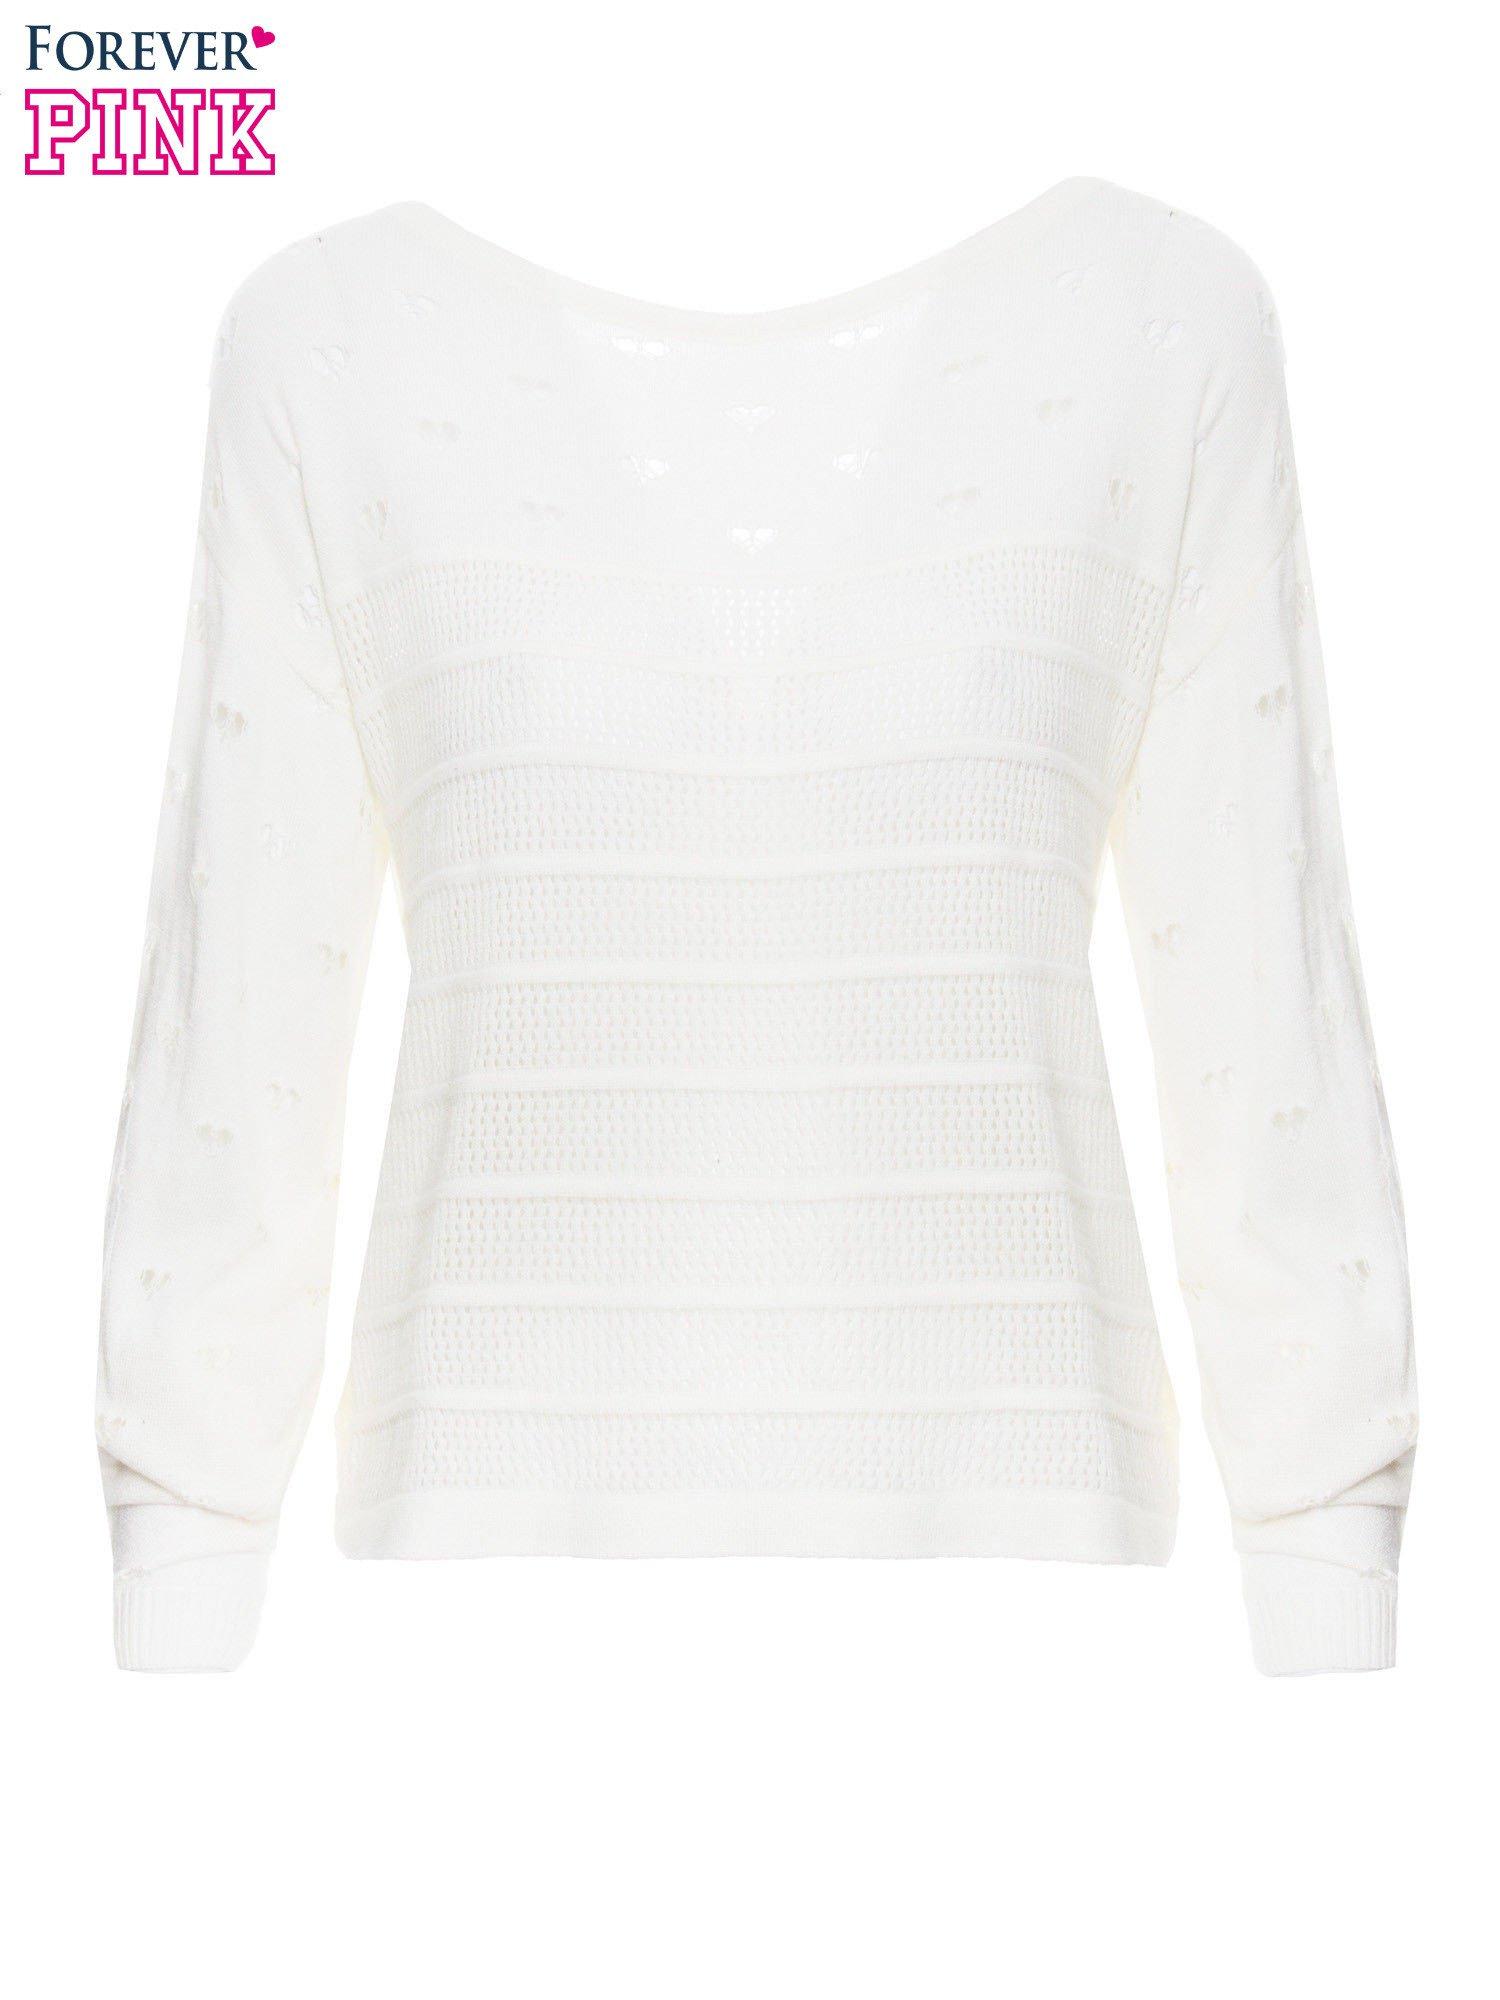 Ecru ażurowy sweter w serduszka                                  zdj.                                  2